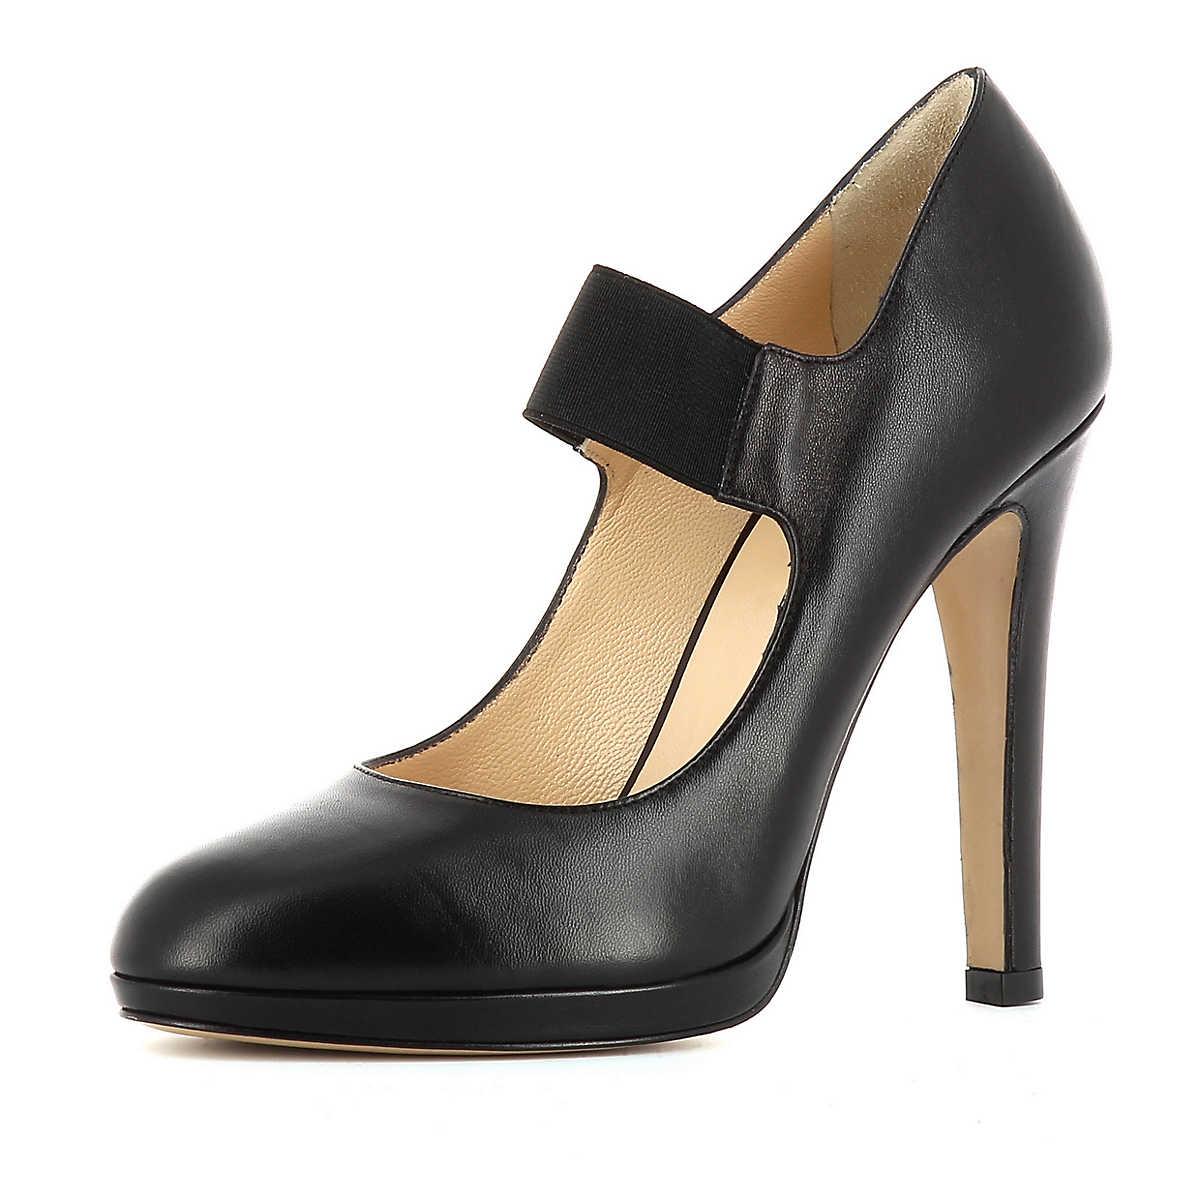 Evita Shoes Pumps schwarz - Evita Shoes - Pumps - Schuhe - mirapodo.de